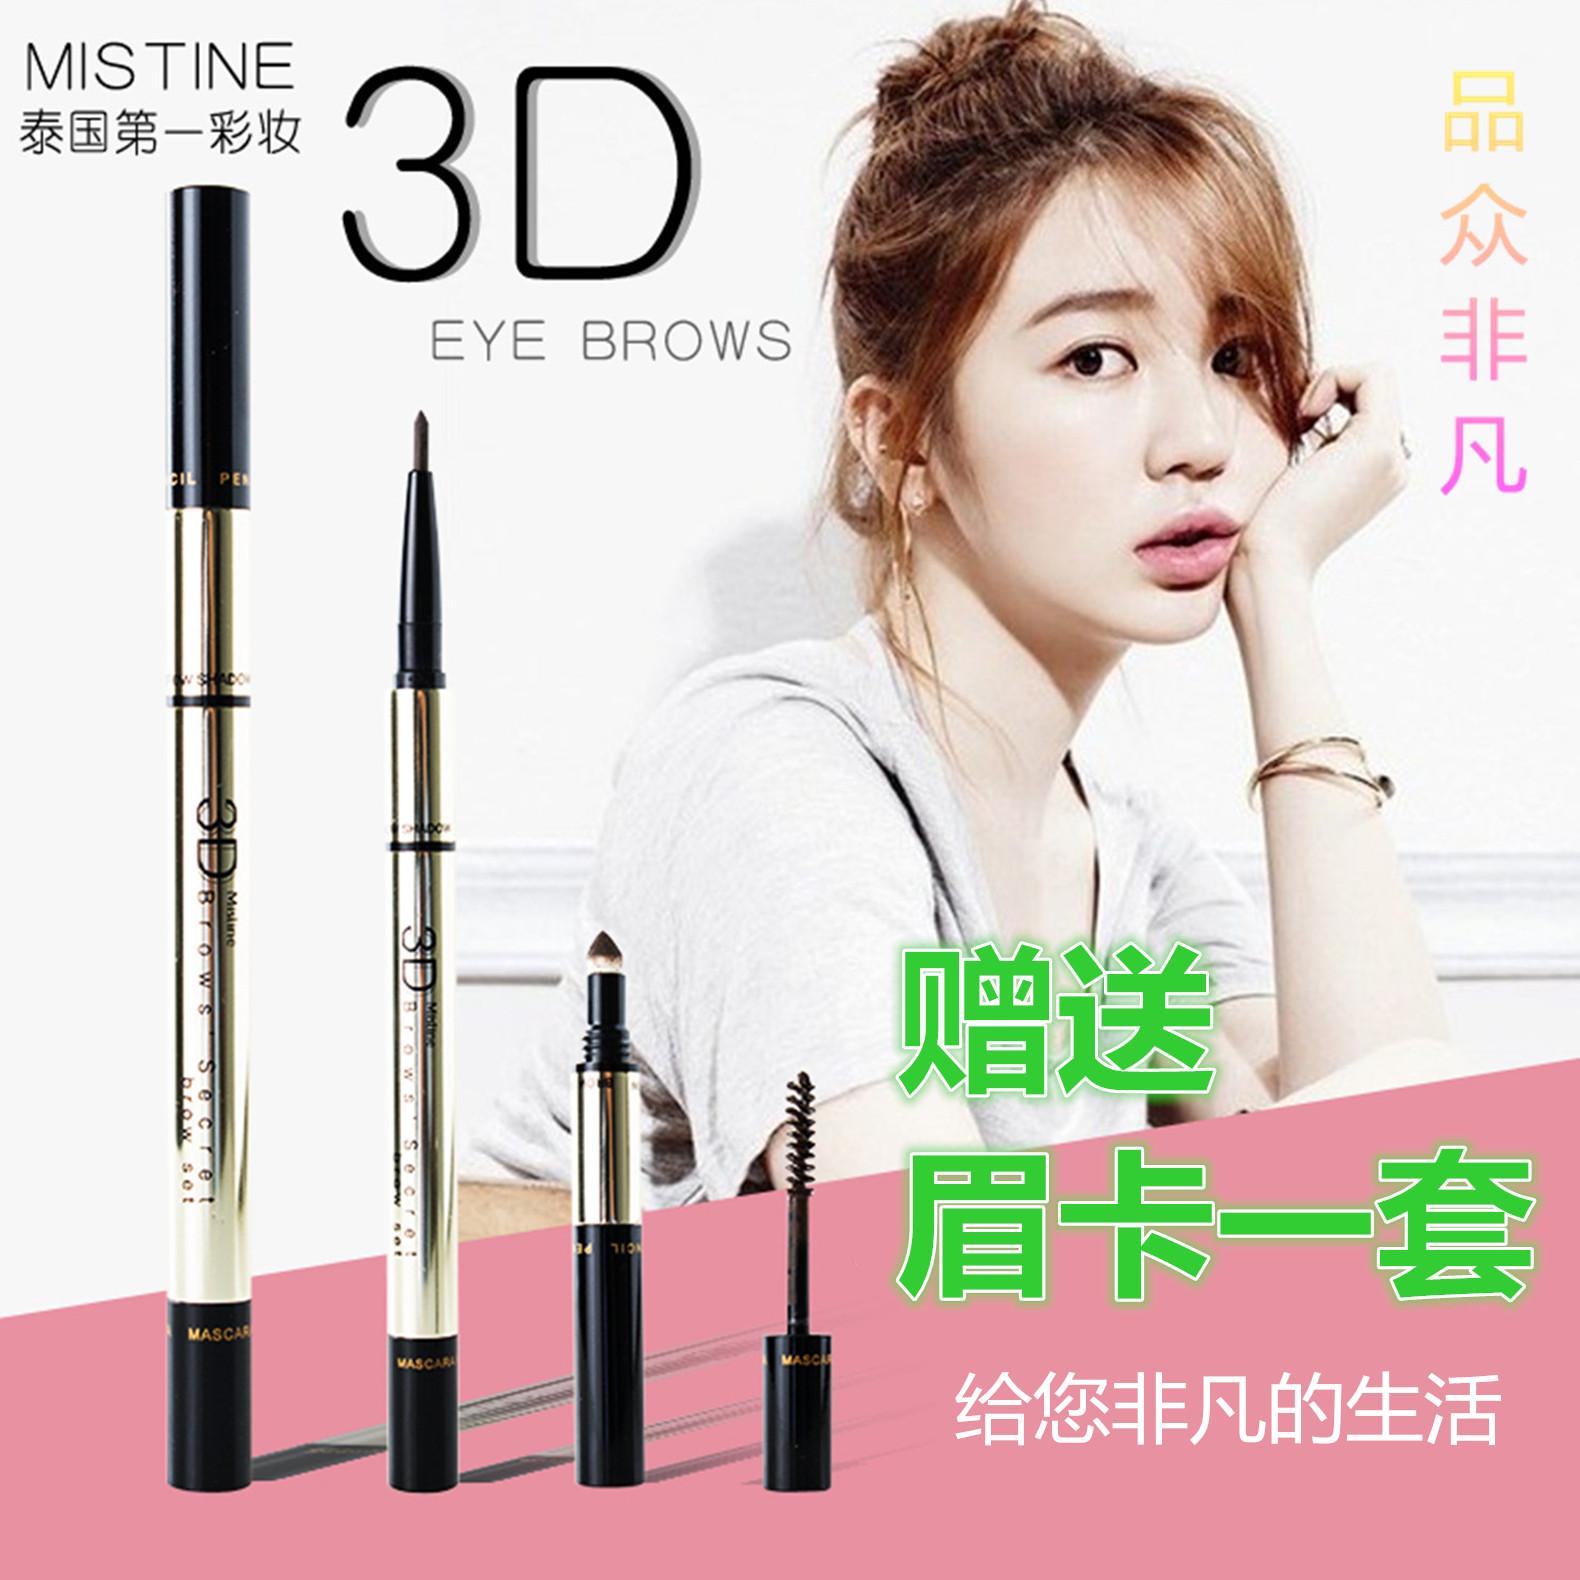 Mistine Mistine3D mistine 3d 3d